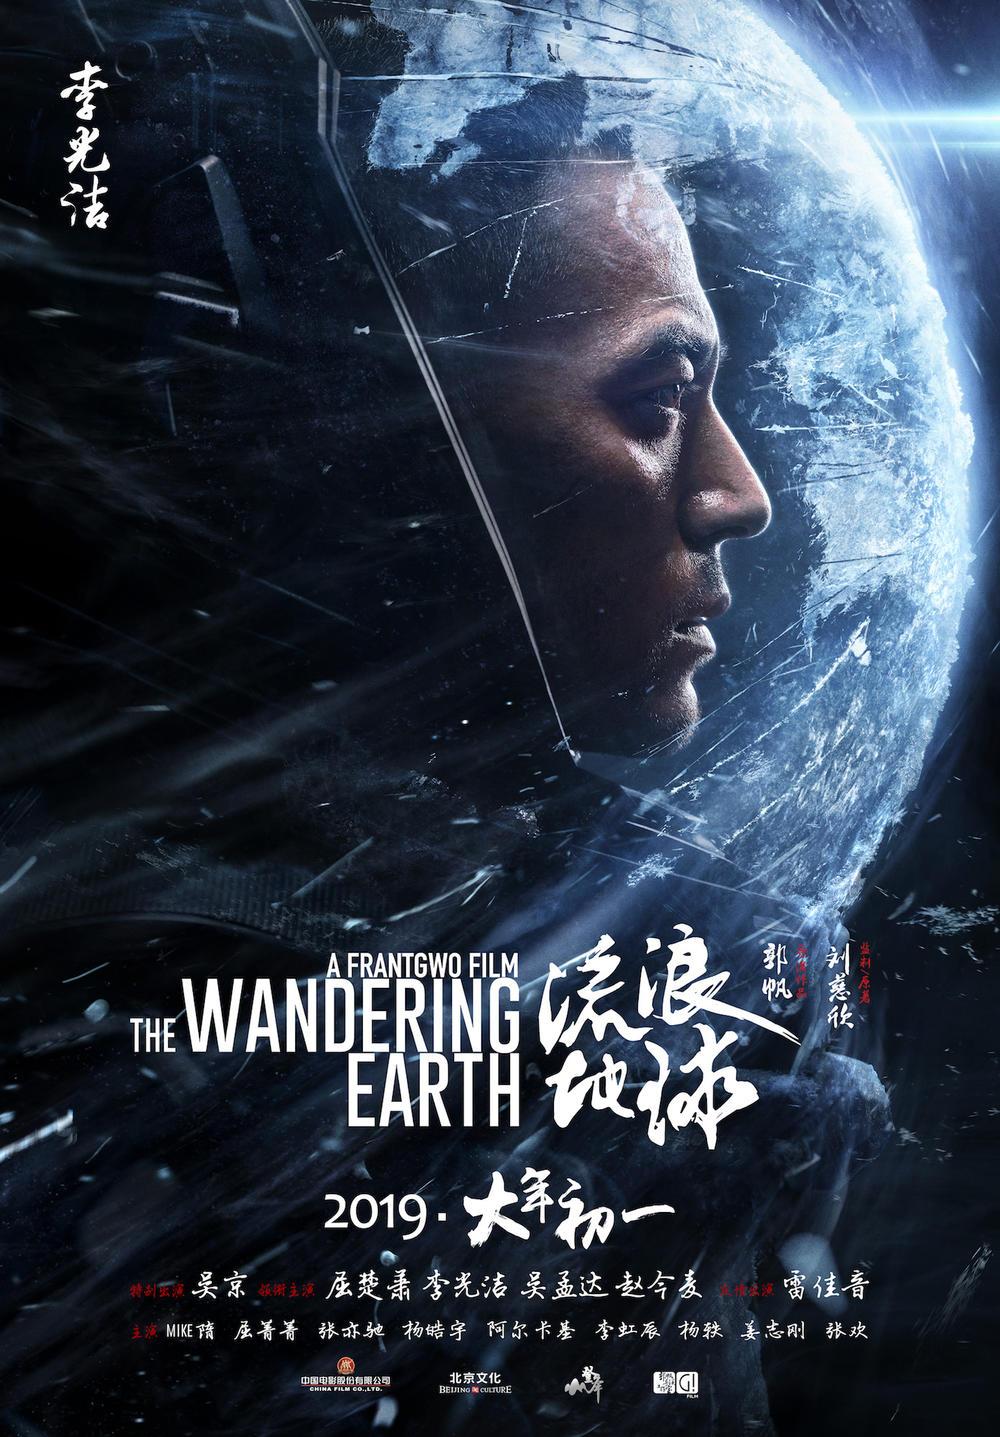 科幻片《流浪地球》定档2019大年初一 吴京领衔